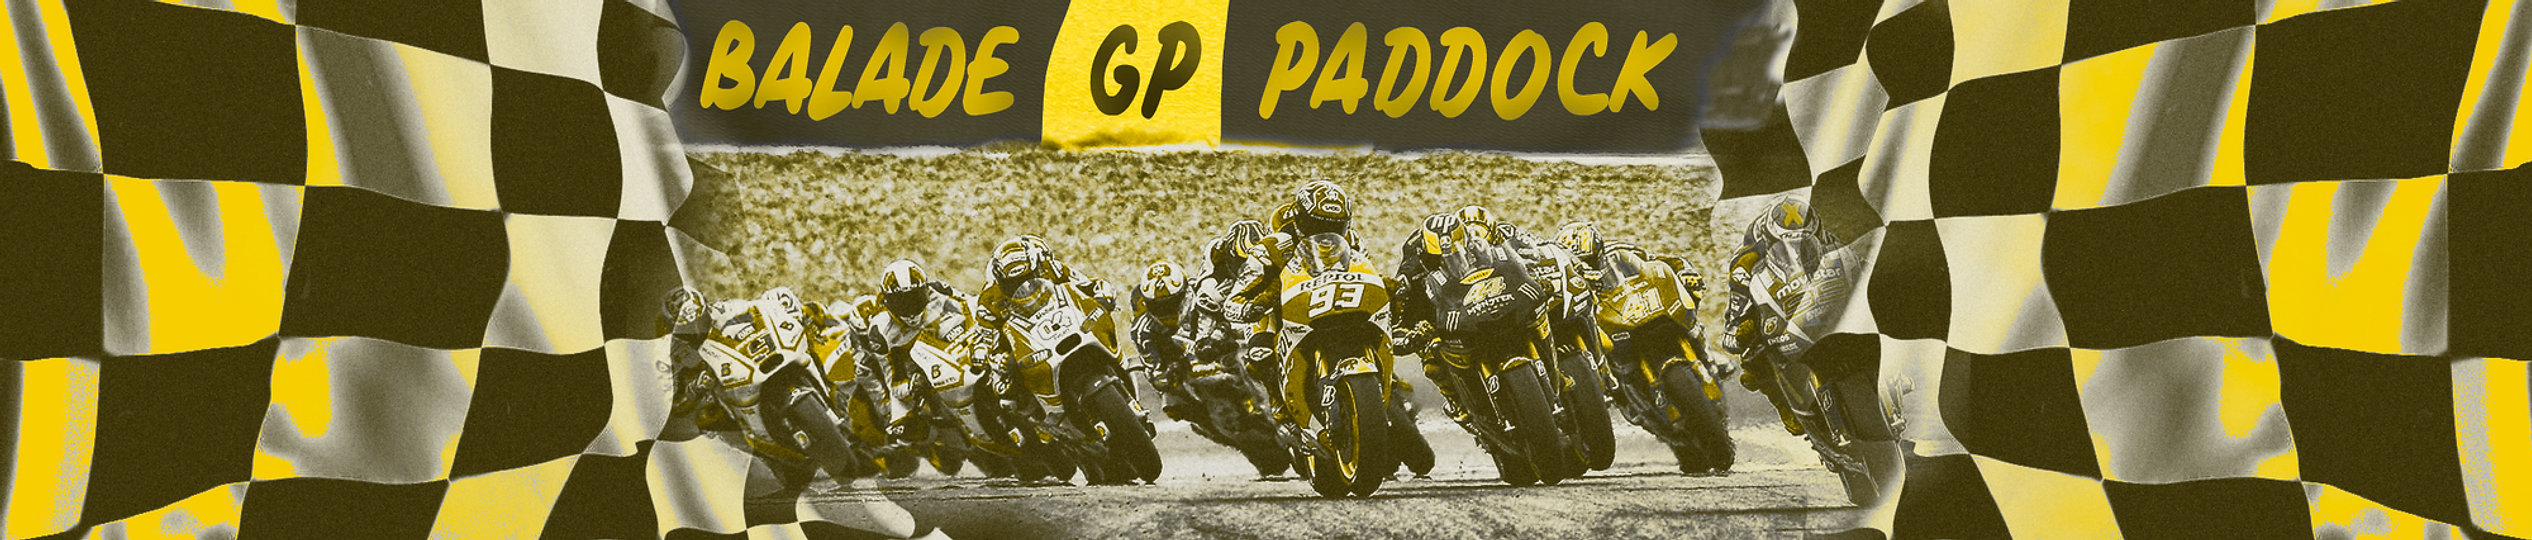 intro-GP3.jpg